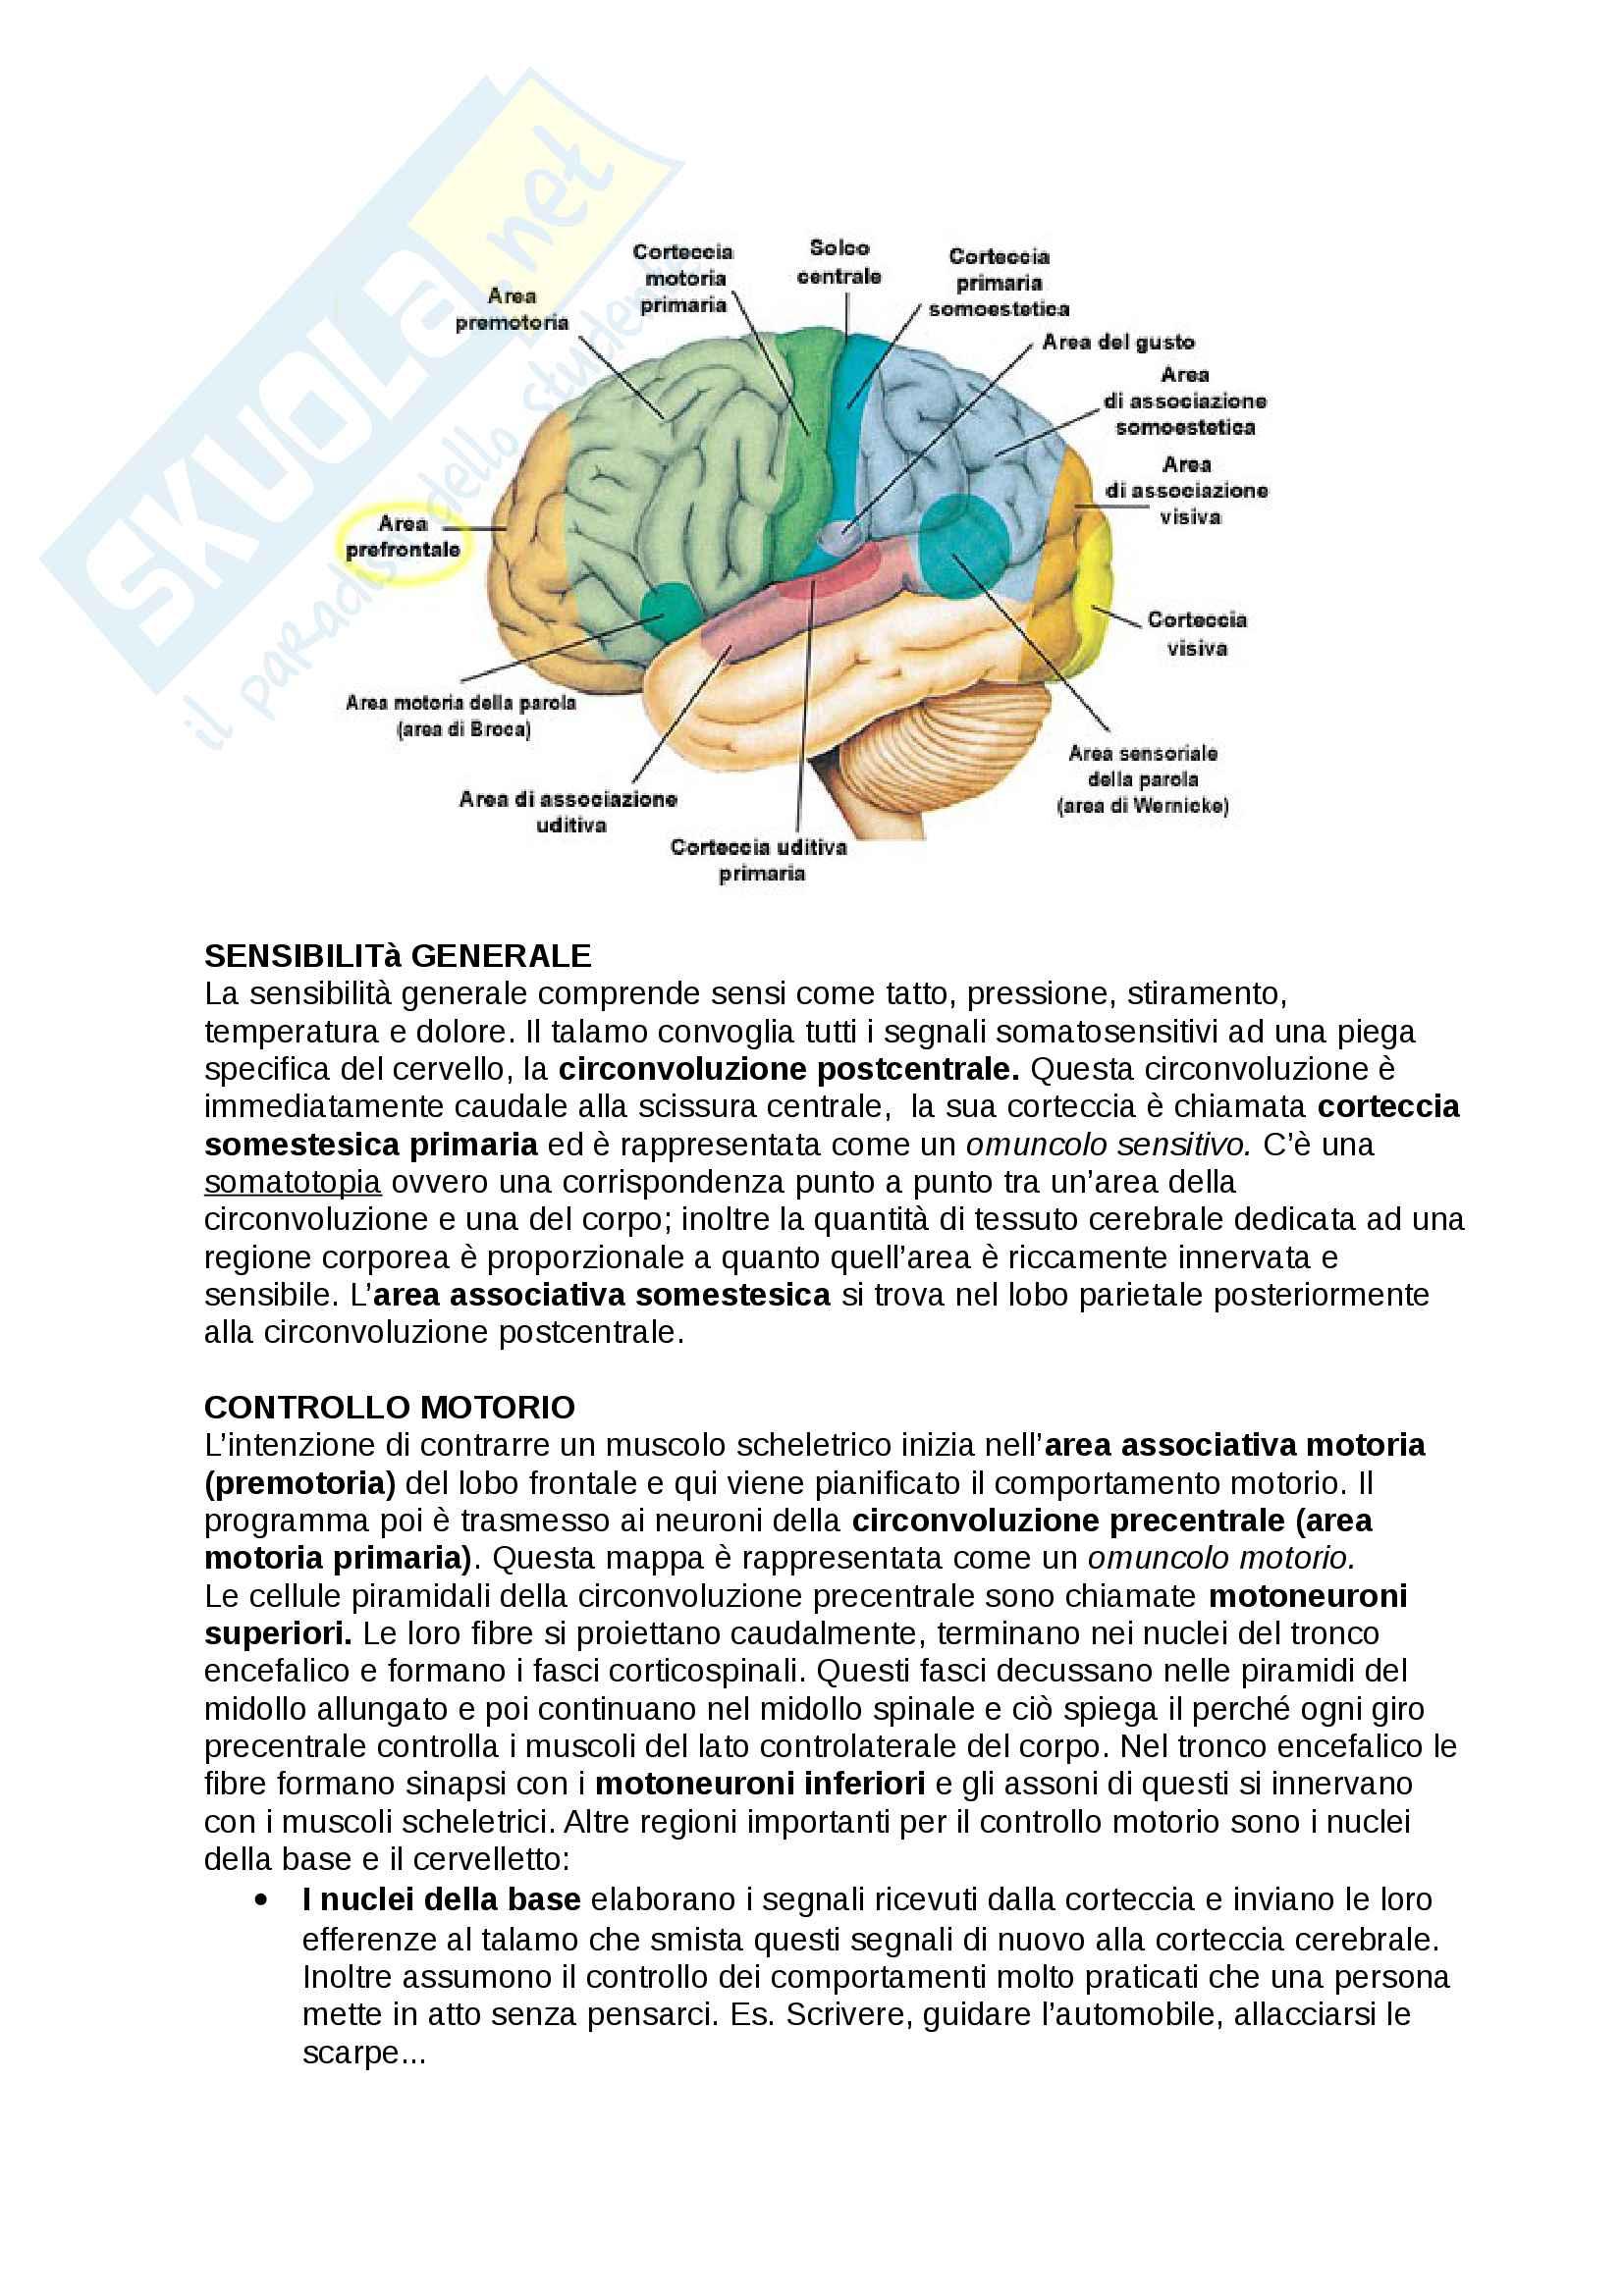 Anatomia dell'encefalo e le sue principali funzioni integrative Pag. 6